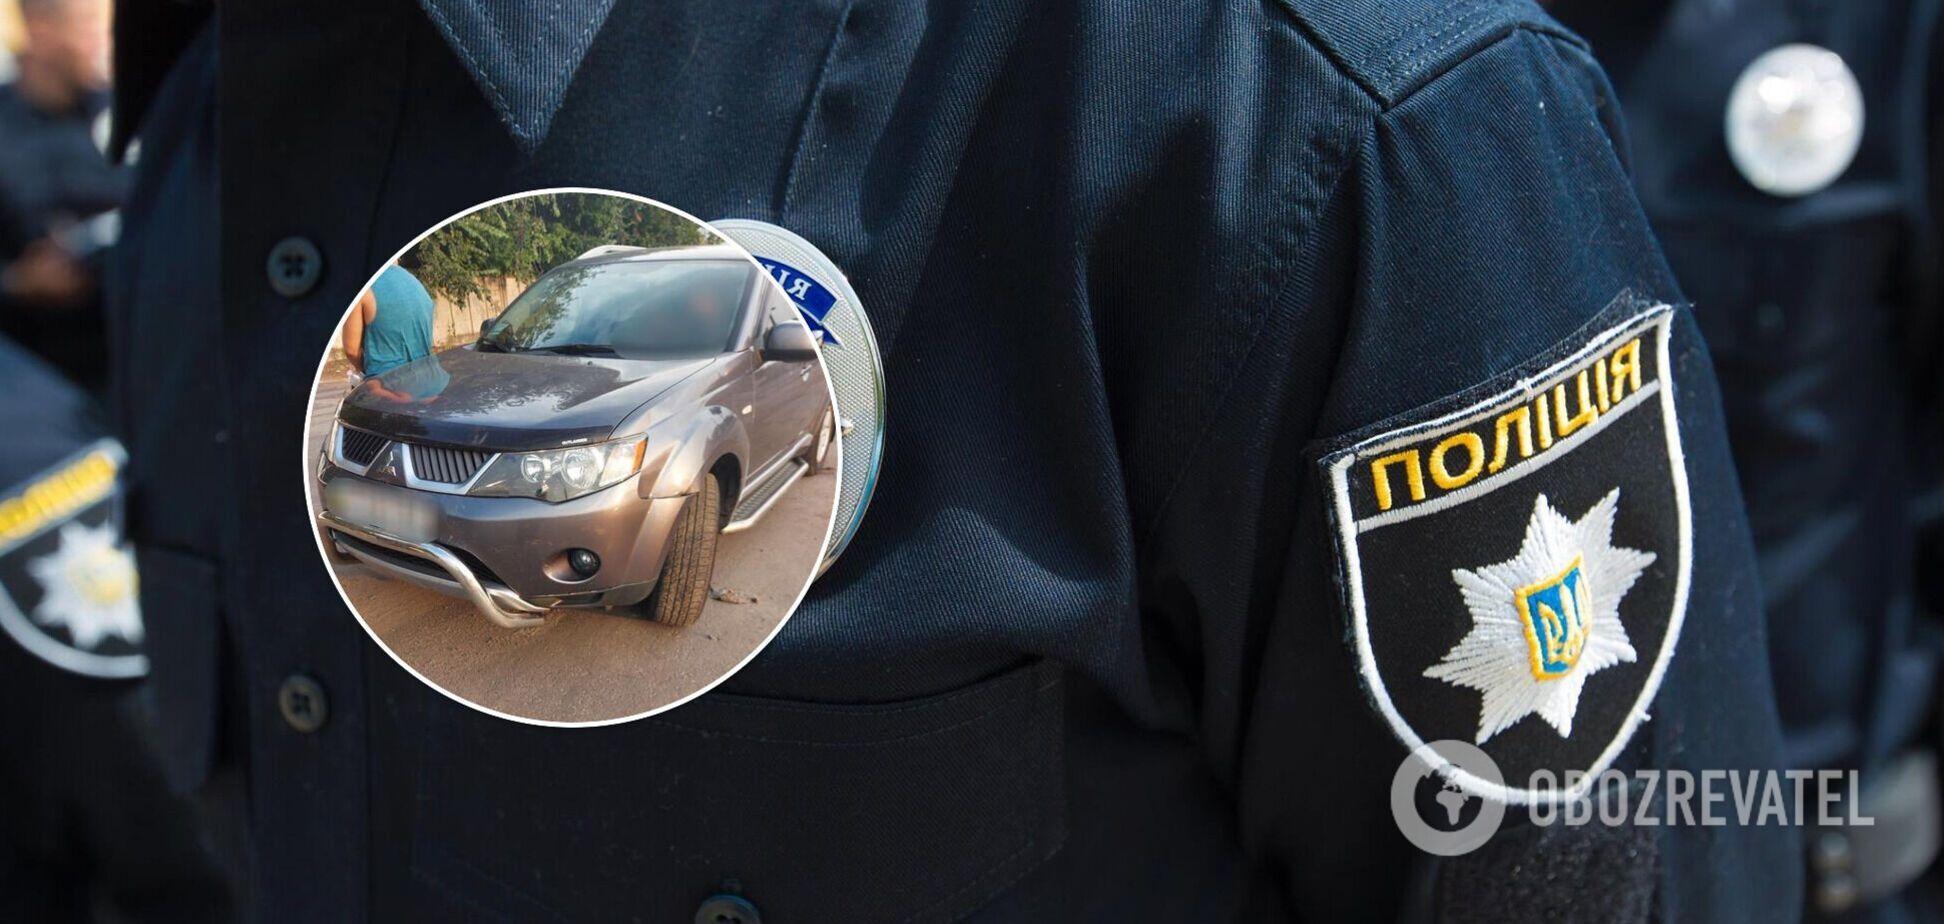 Водителю грозит до 3 лет ограничения свободы